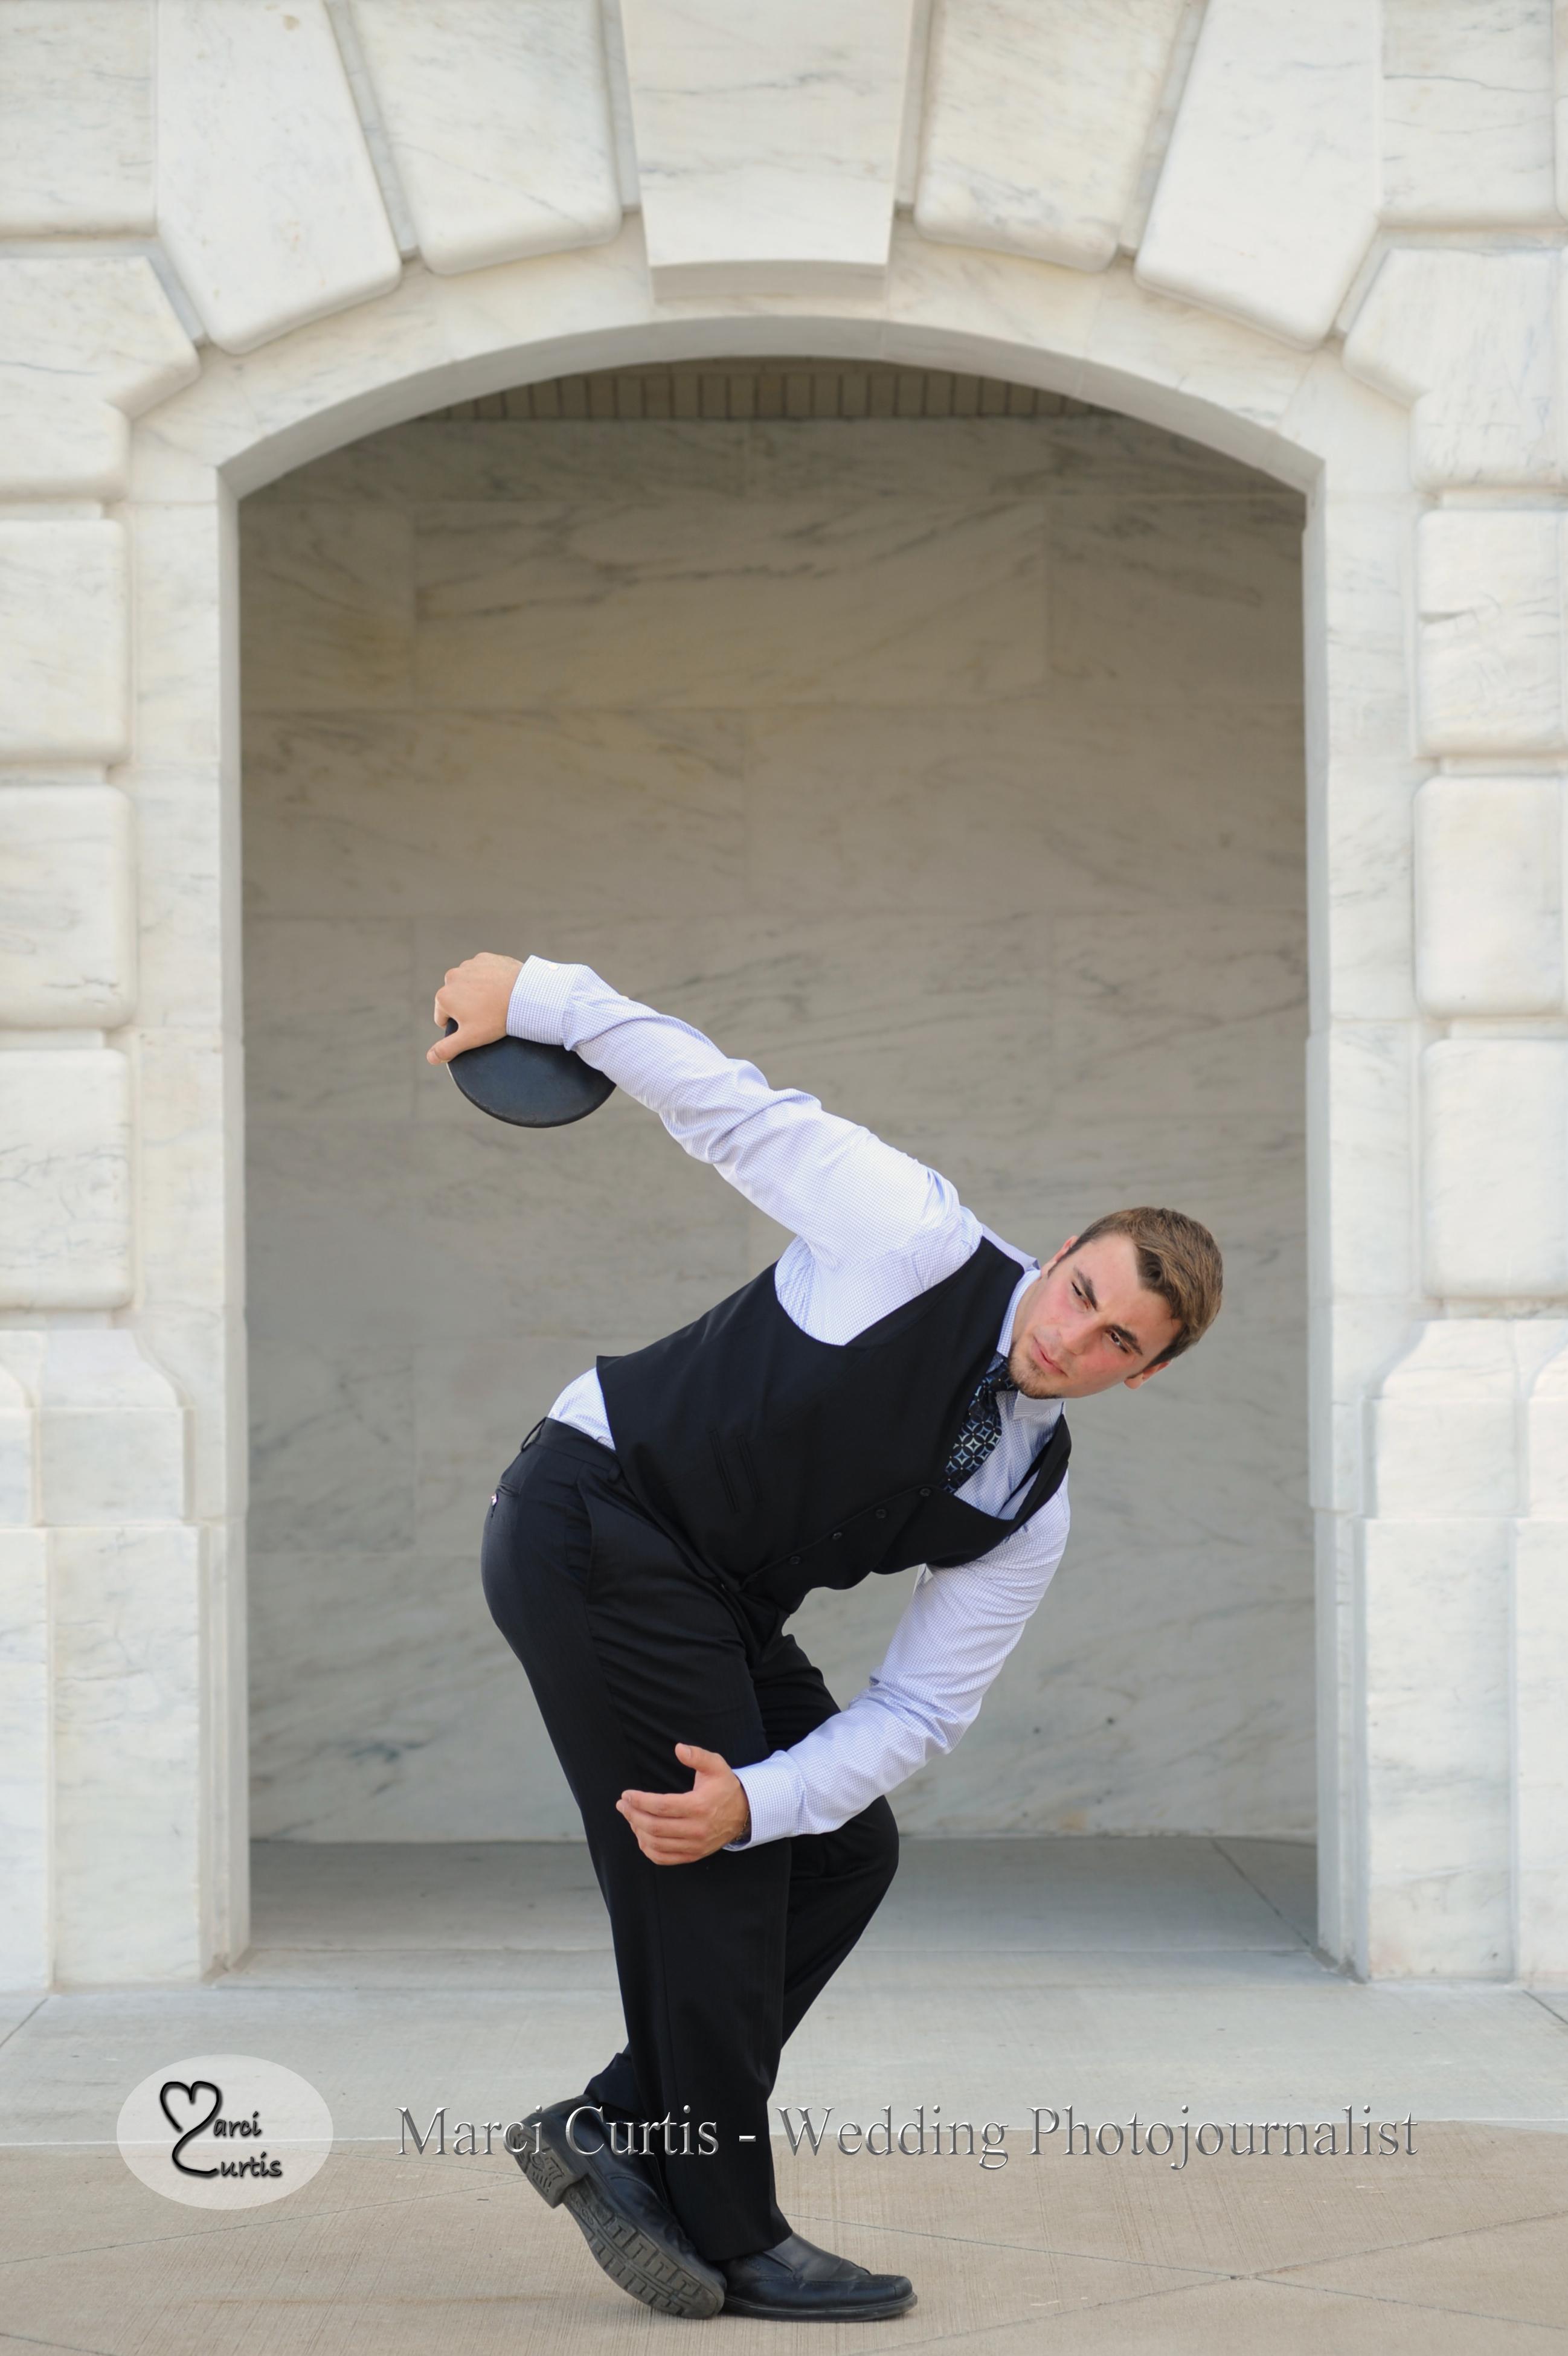 Classic discus thrower statue for senior photo